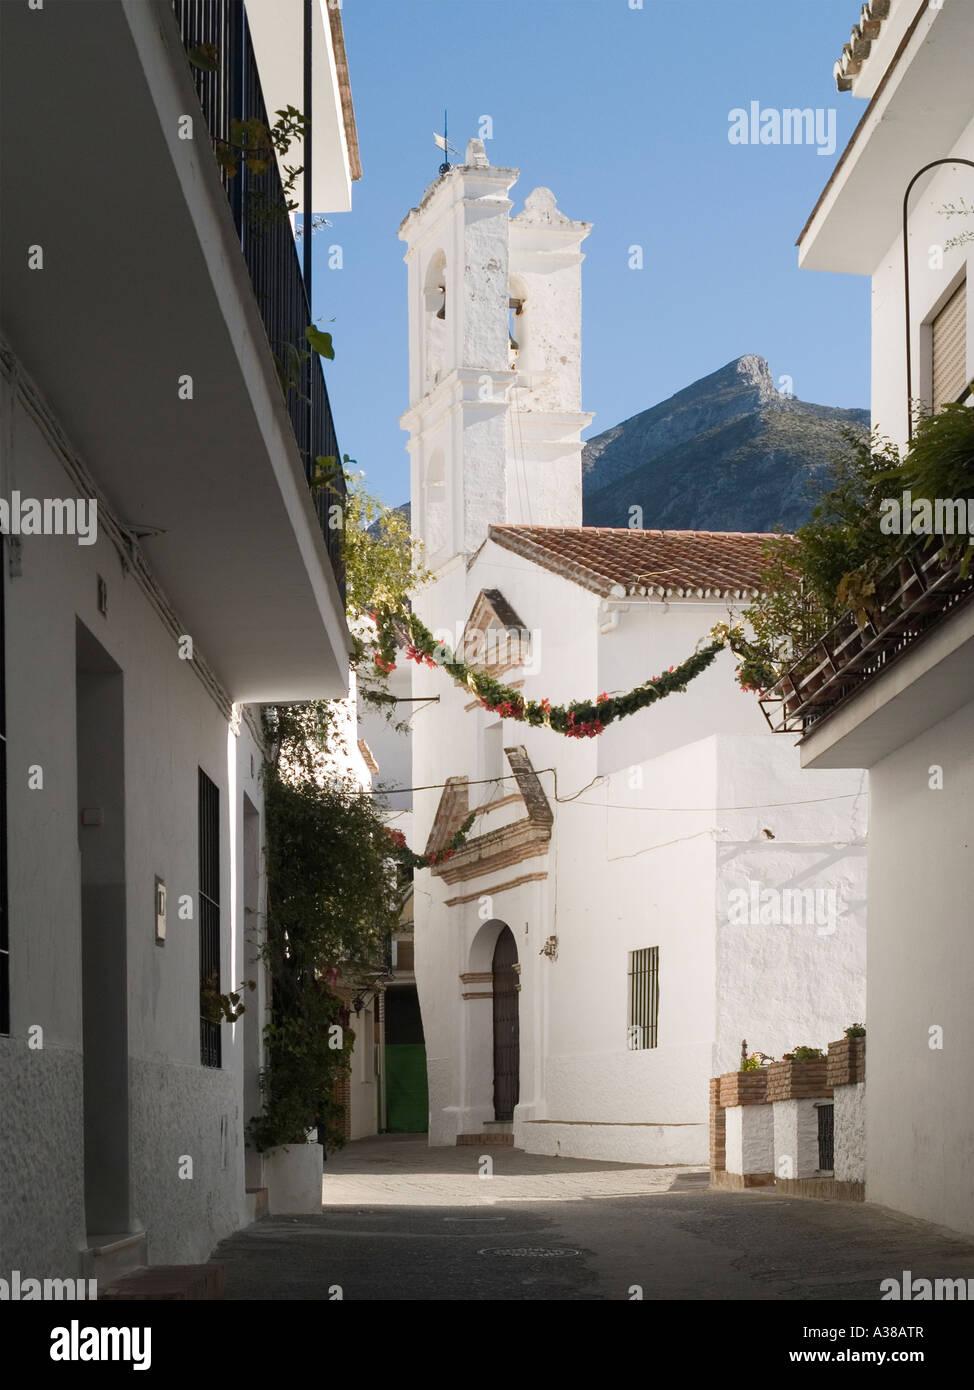 die dorfkirche istan in der nahe von marbella andalusien spanien